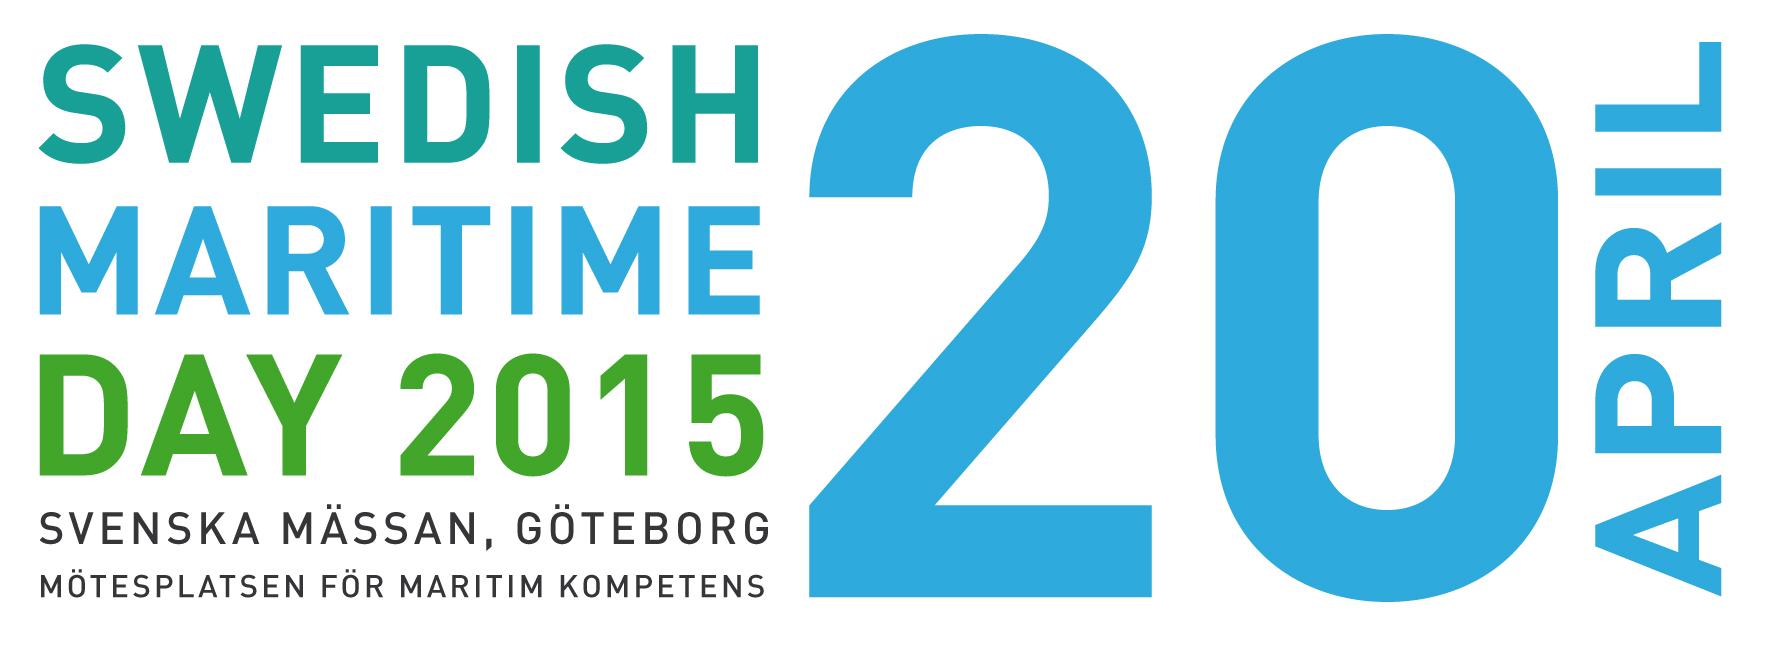 Programmet för Swedish Maritime Day 2015